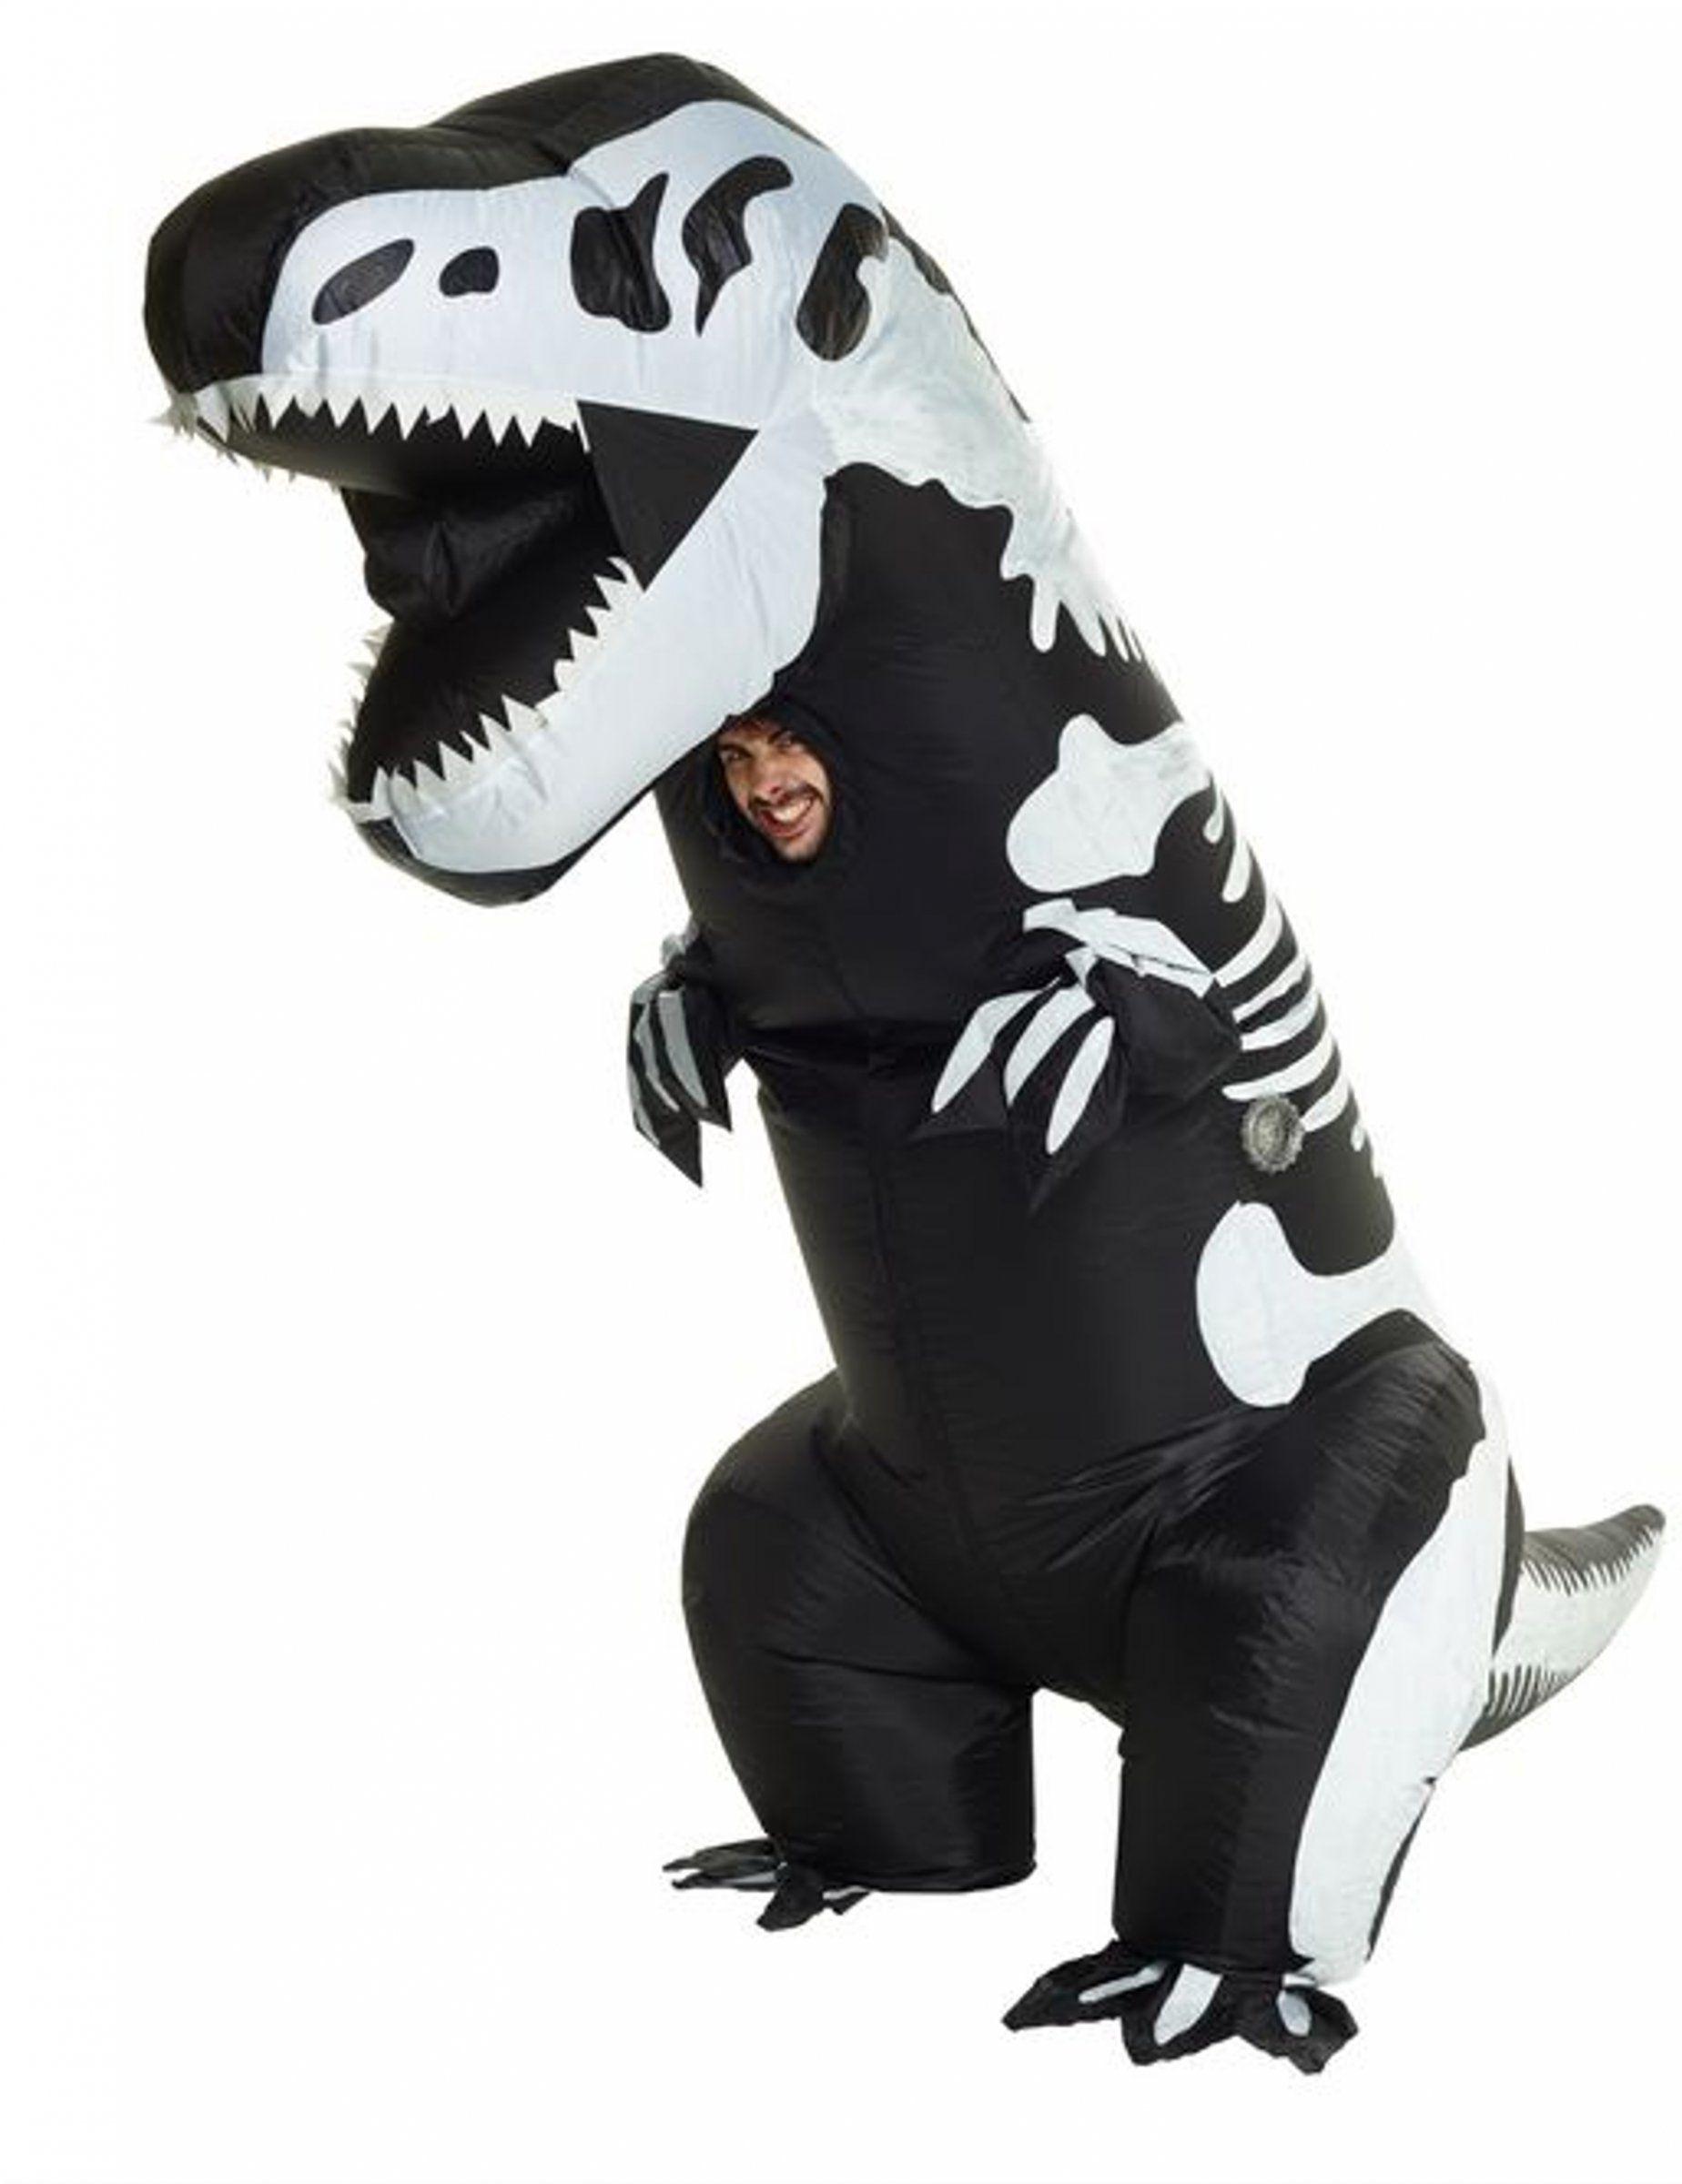 d91ab6b1fe2e4b Déguisement gonflable squelette T-rex adulte Morphsuits™   Ce déguisement  de squelette T-